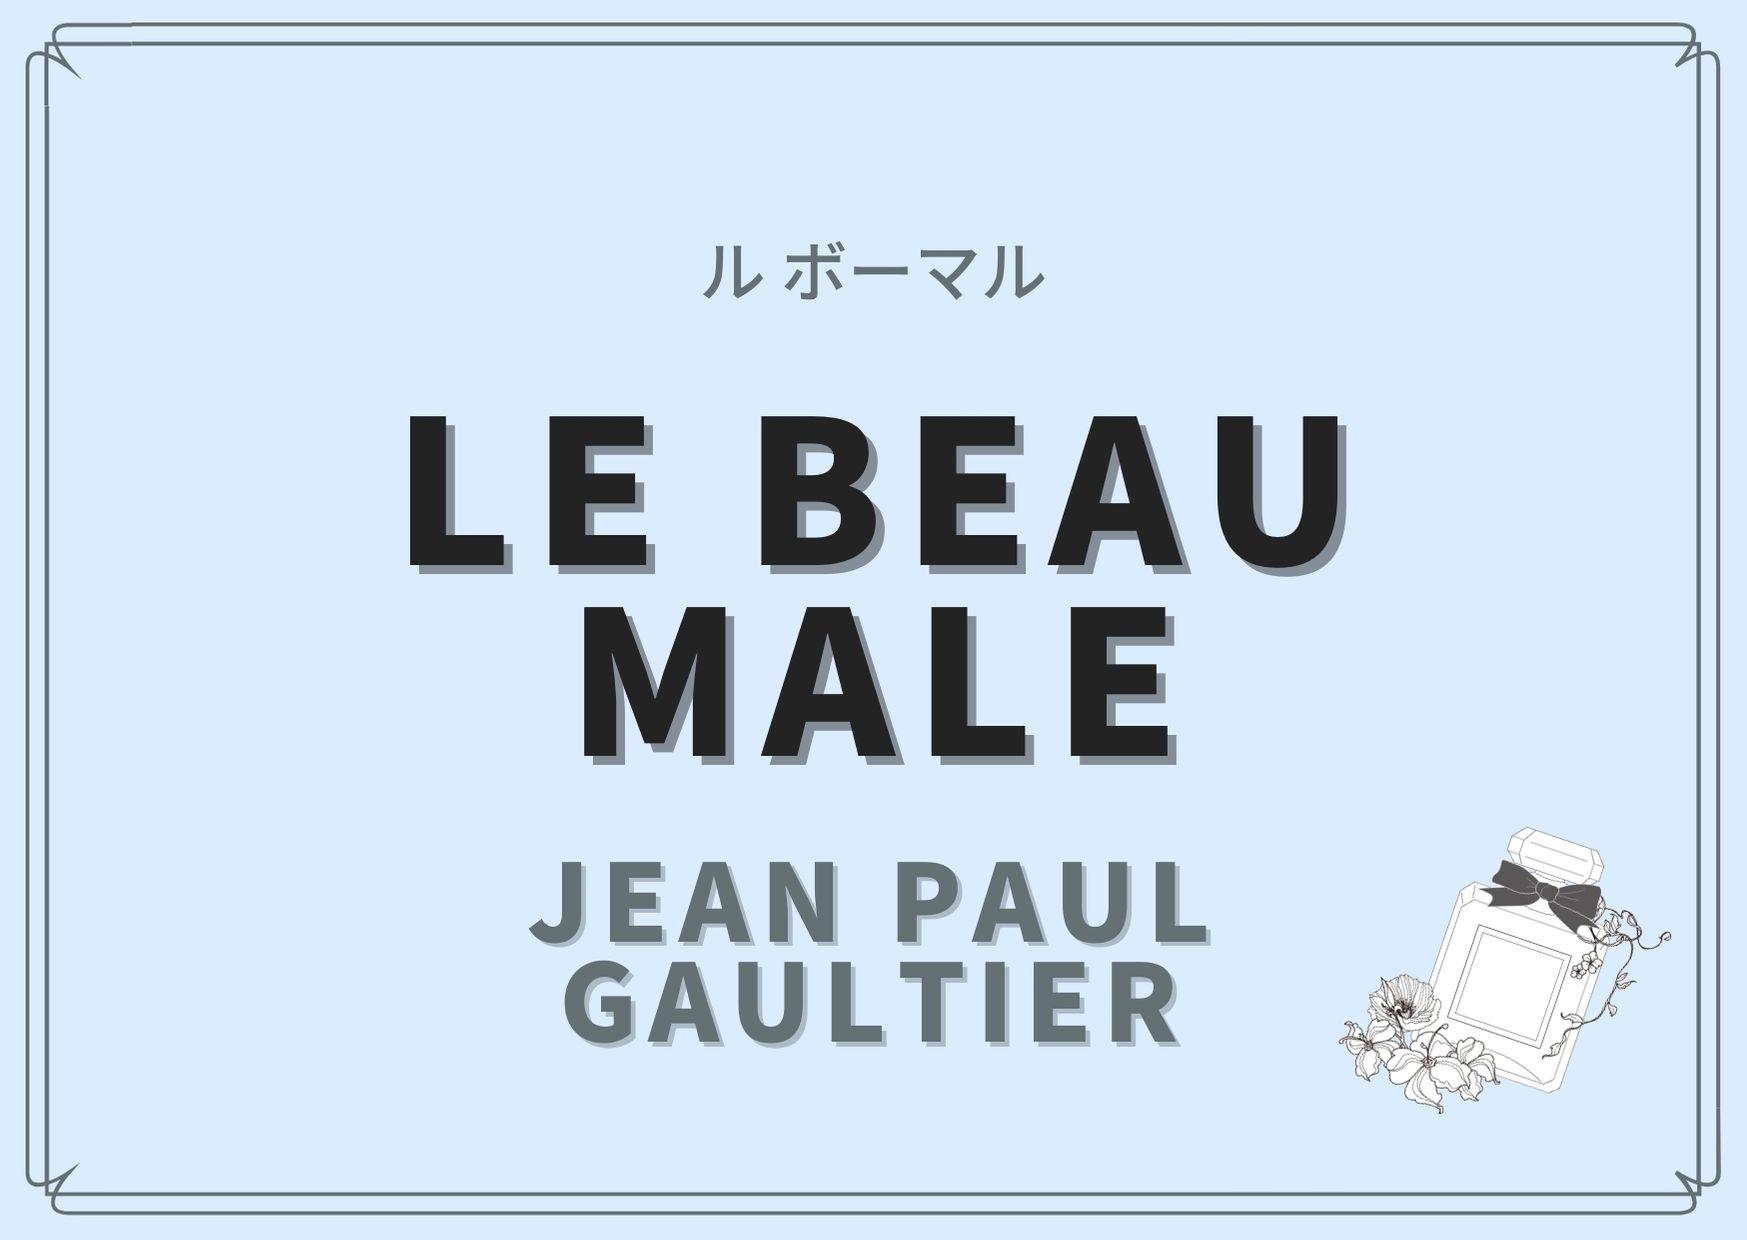 LE BEAU MALE(ル ボーマル)/Jean Paul GAULTIER(ジャンポールゴルチエ)